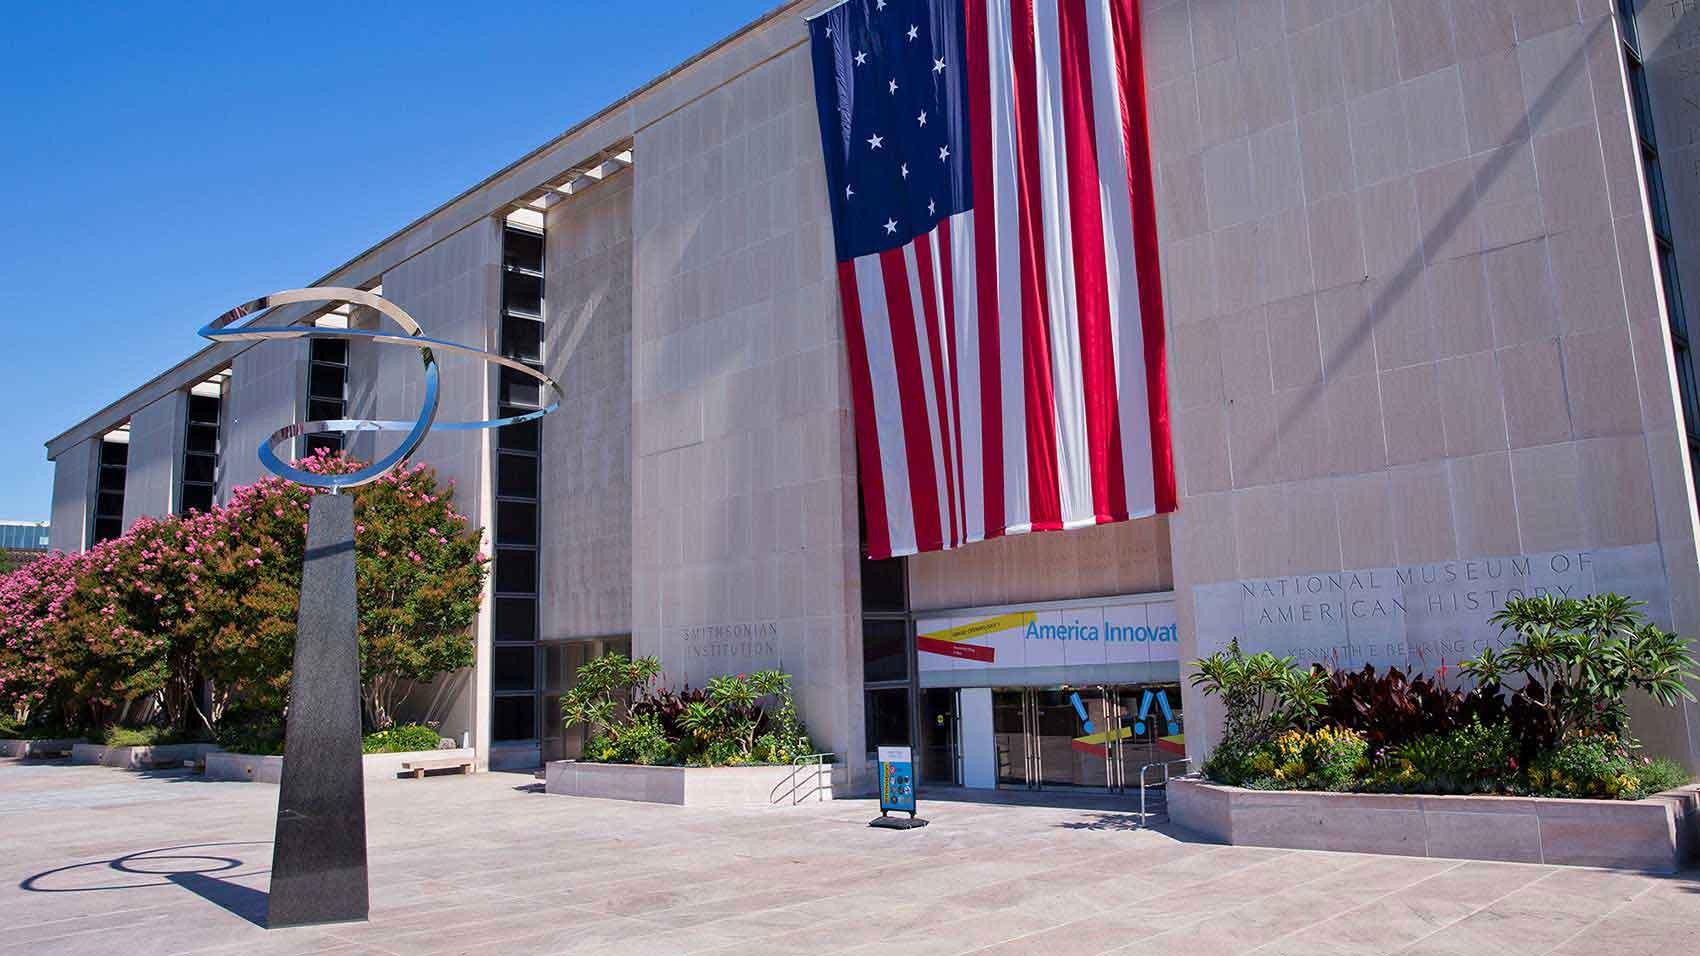 Смитсоновский национальный музей американской истории в Вашингтоне, округ Колумбия